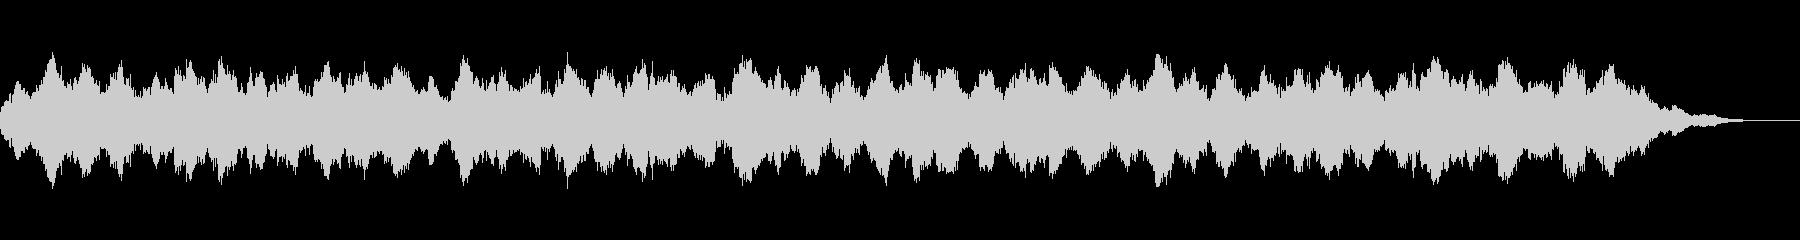 浮遊感漂う環境音楽の未再生の波形